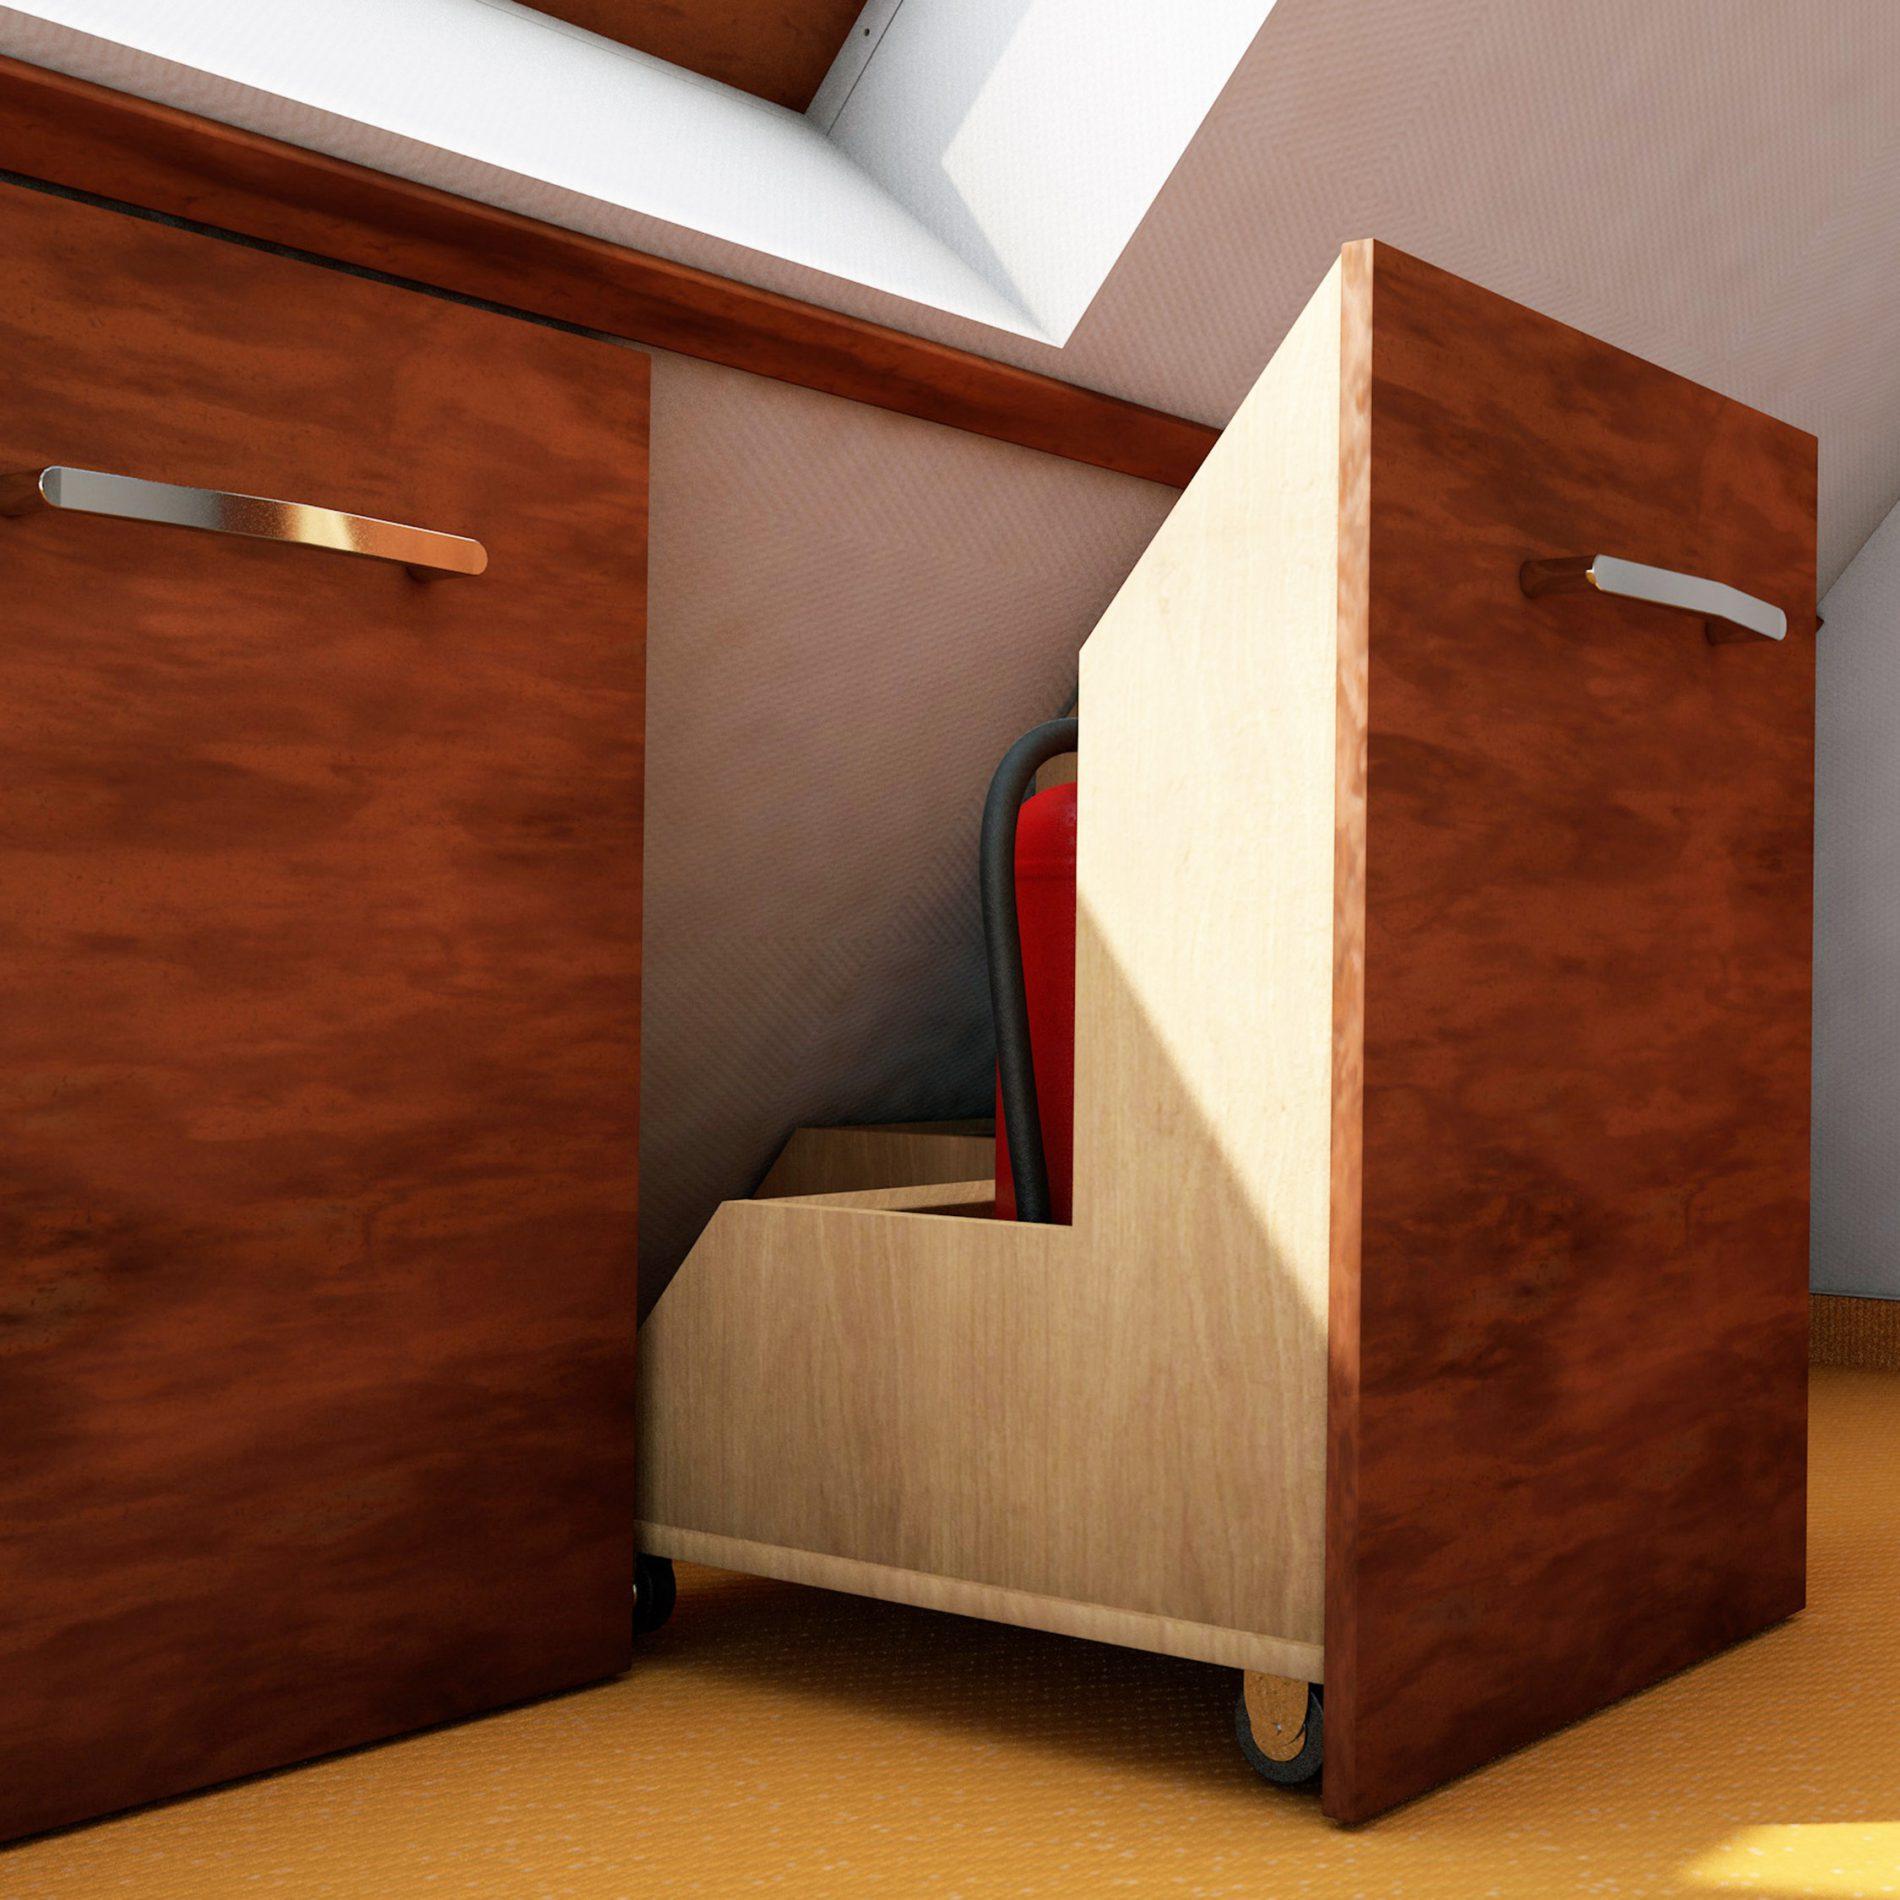 Raumnutzung mit individuellen Möbel bei Dachschrägen